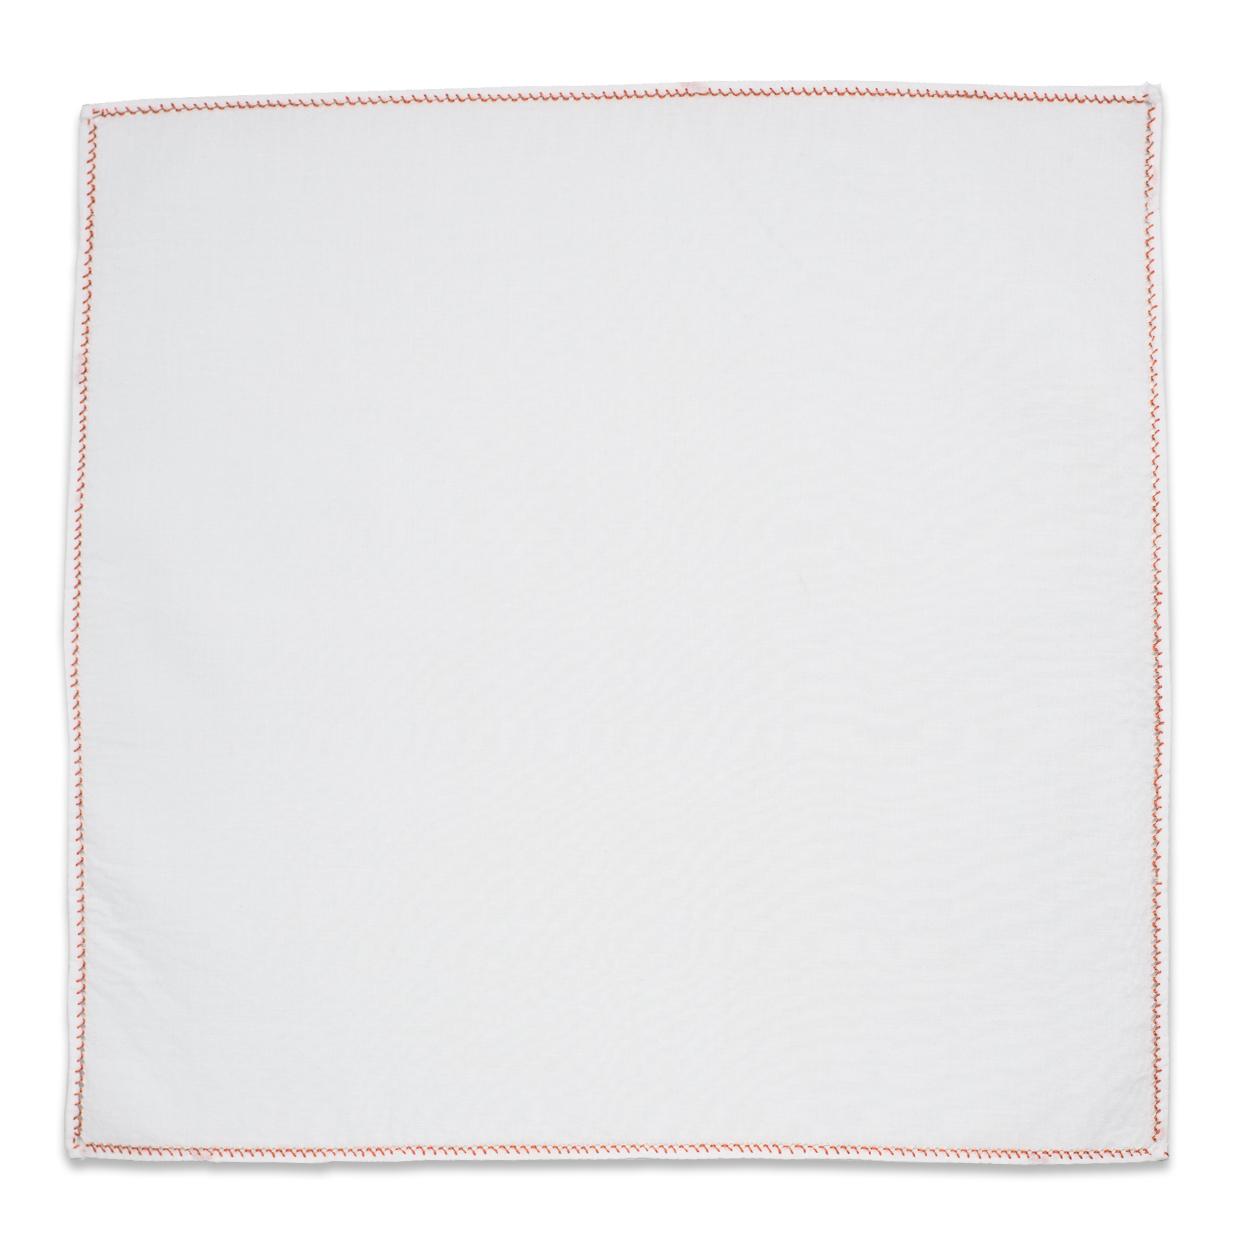 Λευκό Μαντήλι Κουστουμιού με Χάλκινο Αζούρ